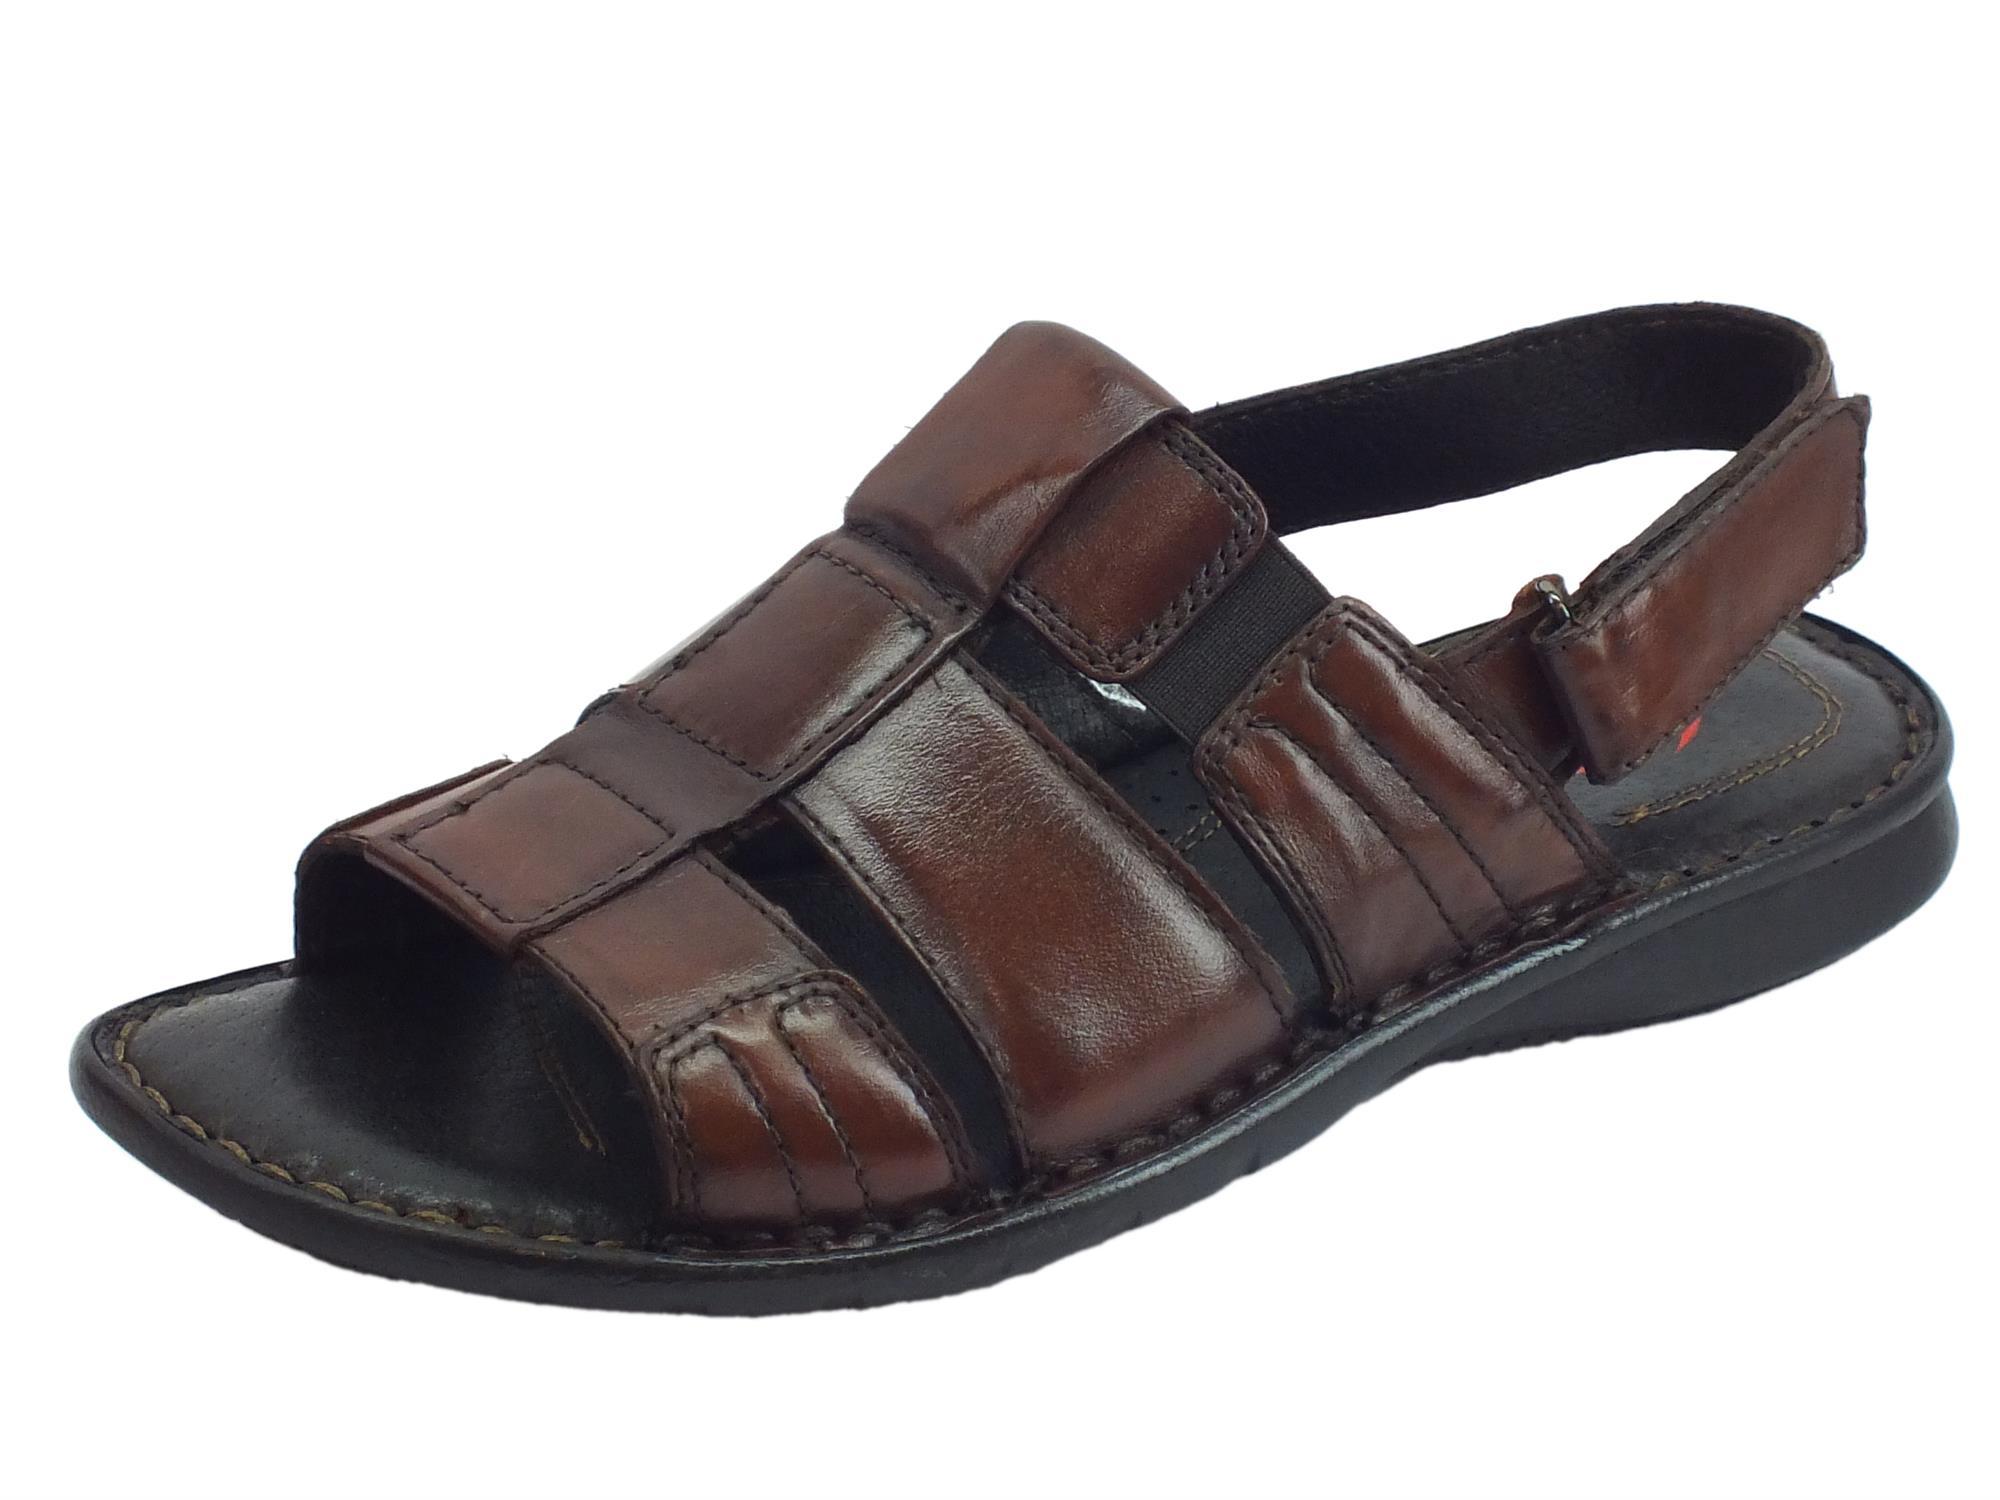 Sandali aperti pelle Zen uomo testa di moro chiusura a - Vitiello ... 6bbaba9306b